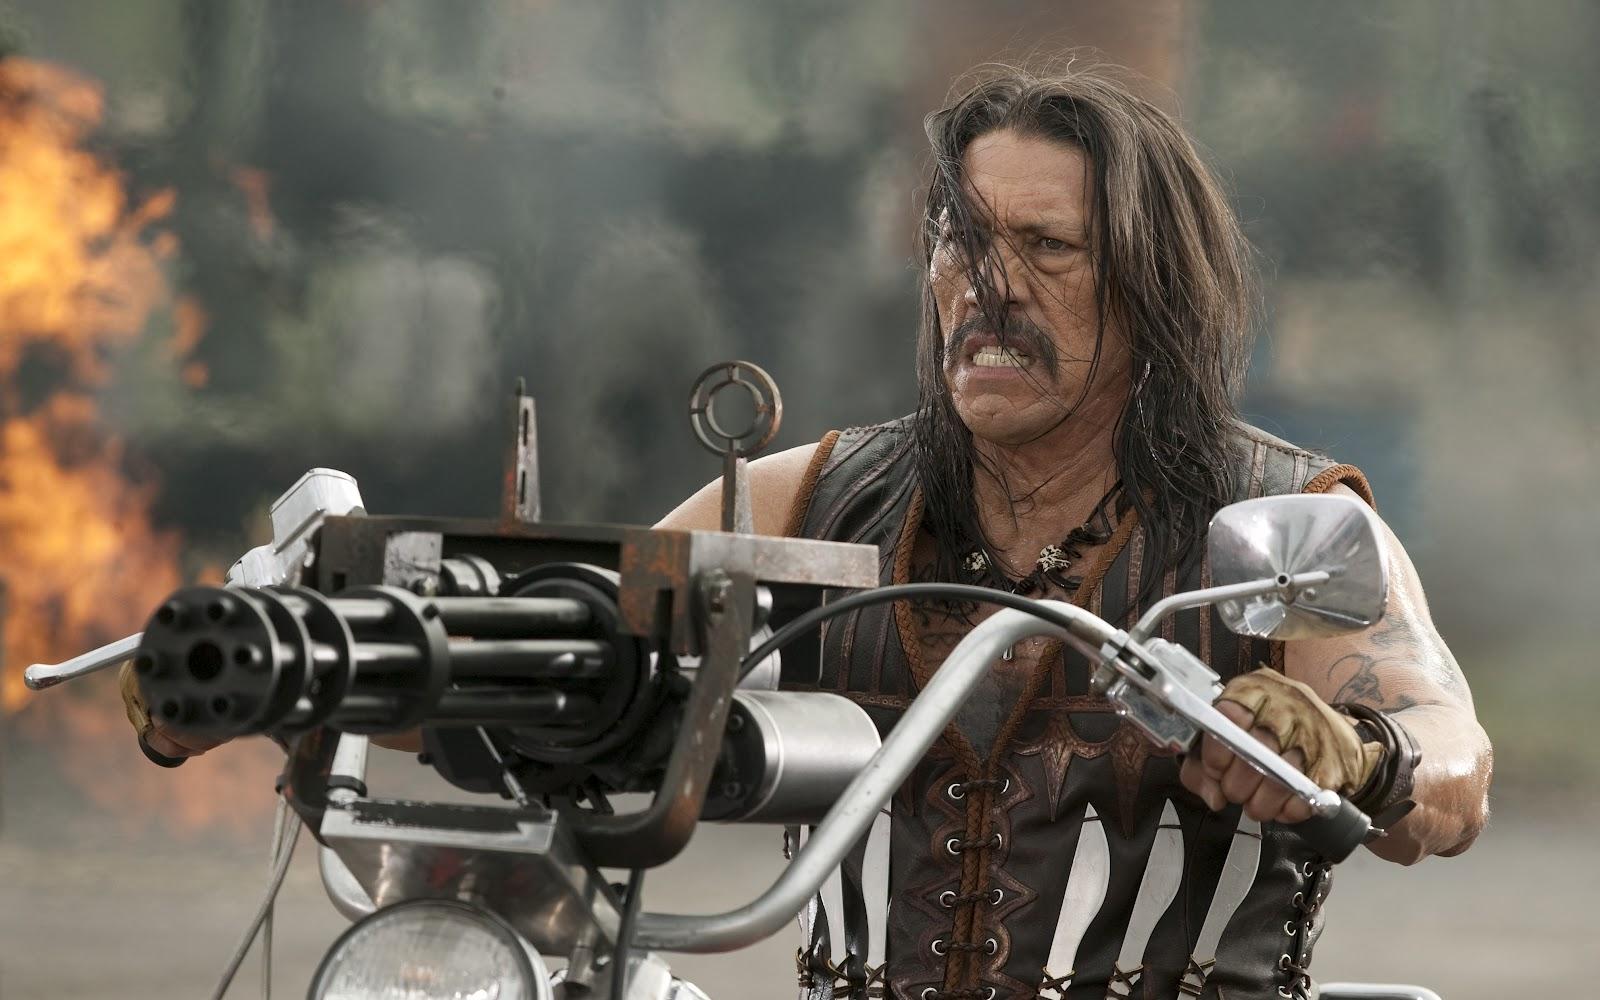 Danny-Trejo-e-Michelle-Rodriguez-nuova-immagine-del-film-Machete-Kills